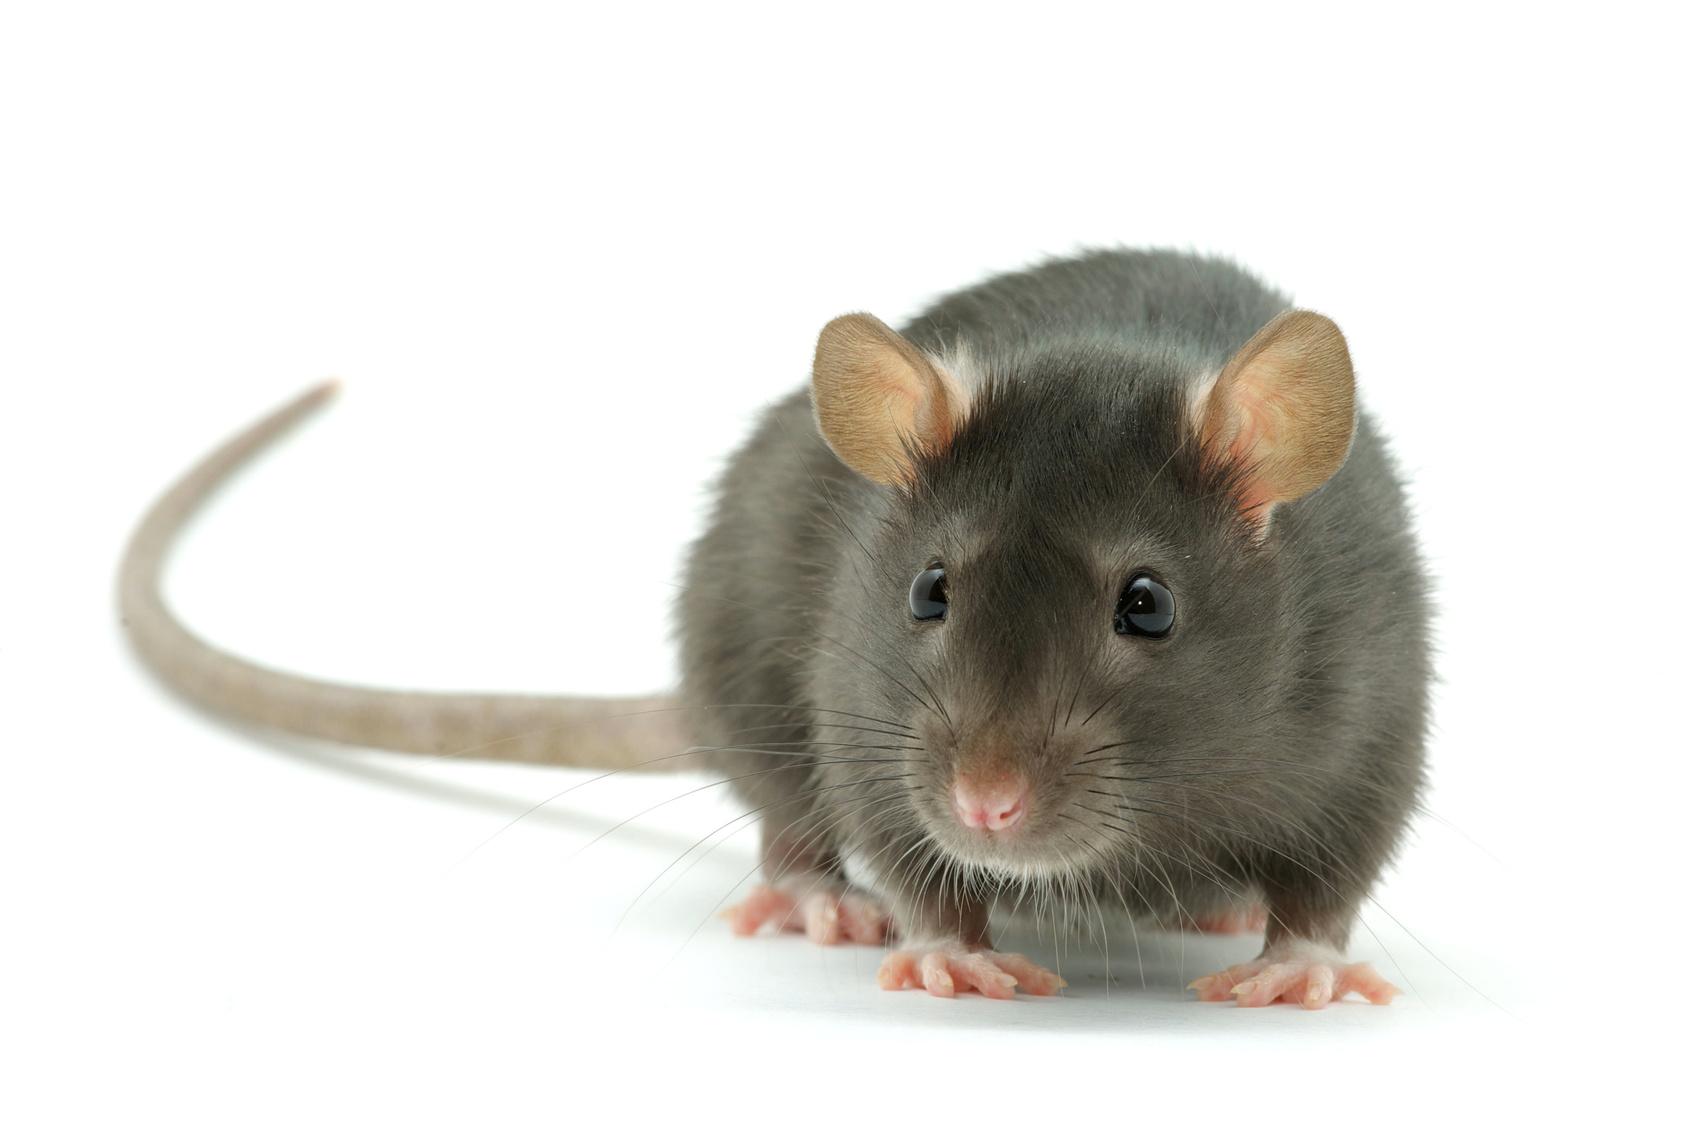 Сонник толкование снов к чему снится крысы